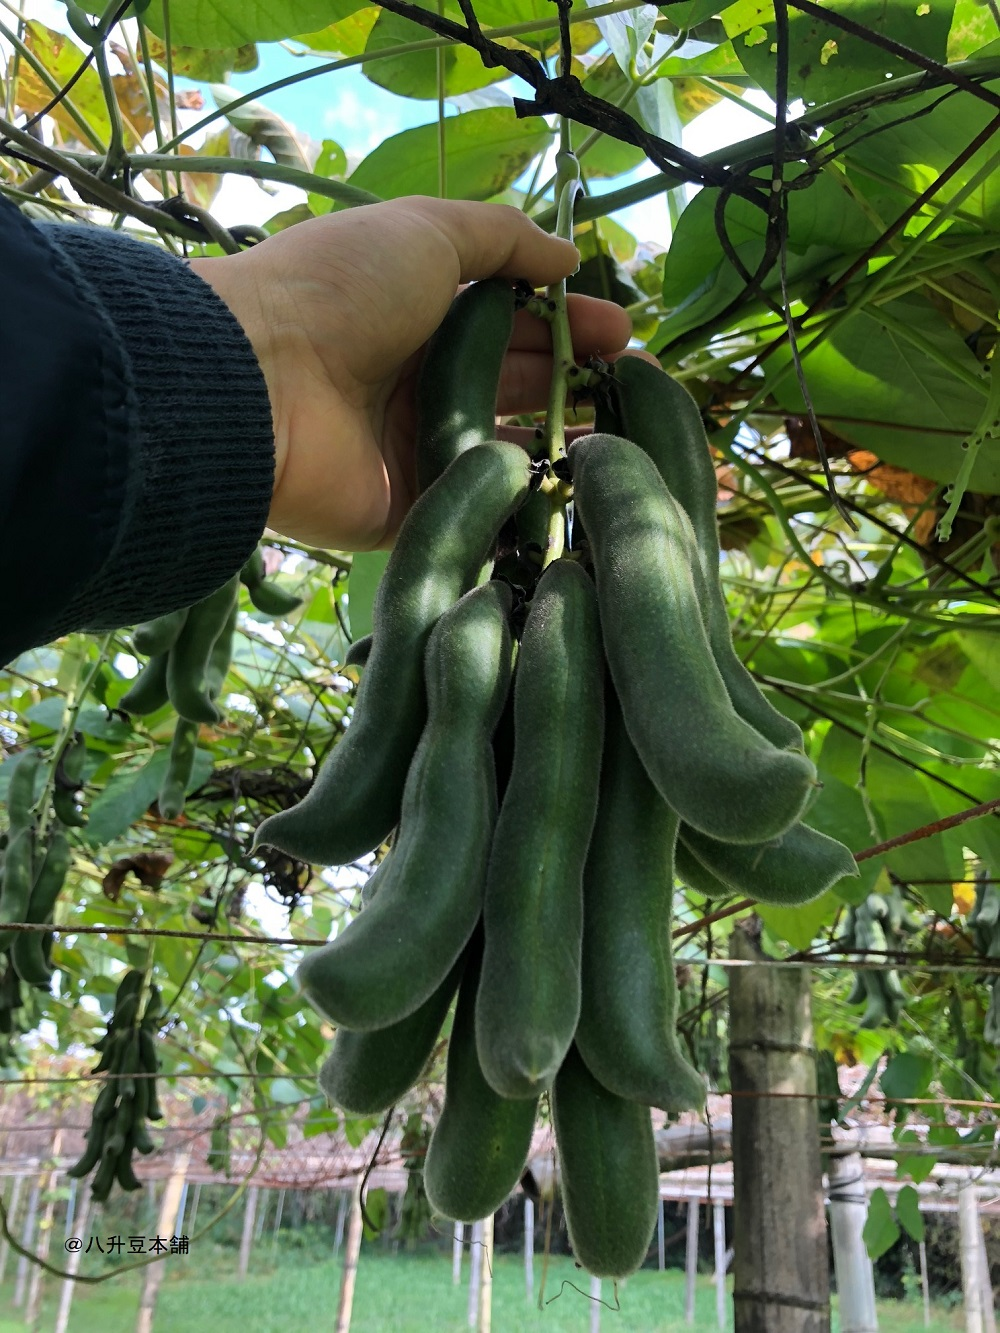 ムクナ豆お試し2点セット ムクナパウダー(50g) ムクナ豆錠剤DX(90粒) 国産ムクナ豆100% 無農薬自然栽培